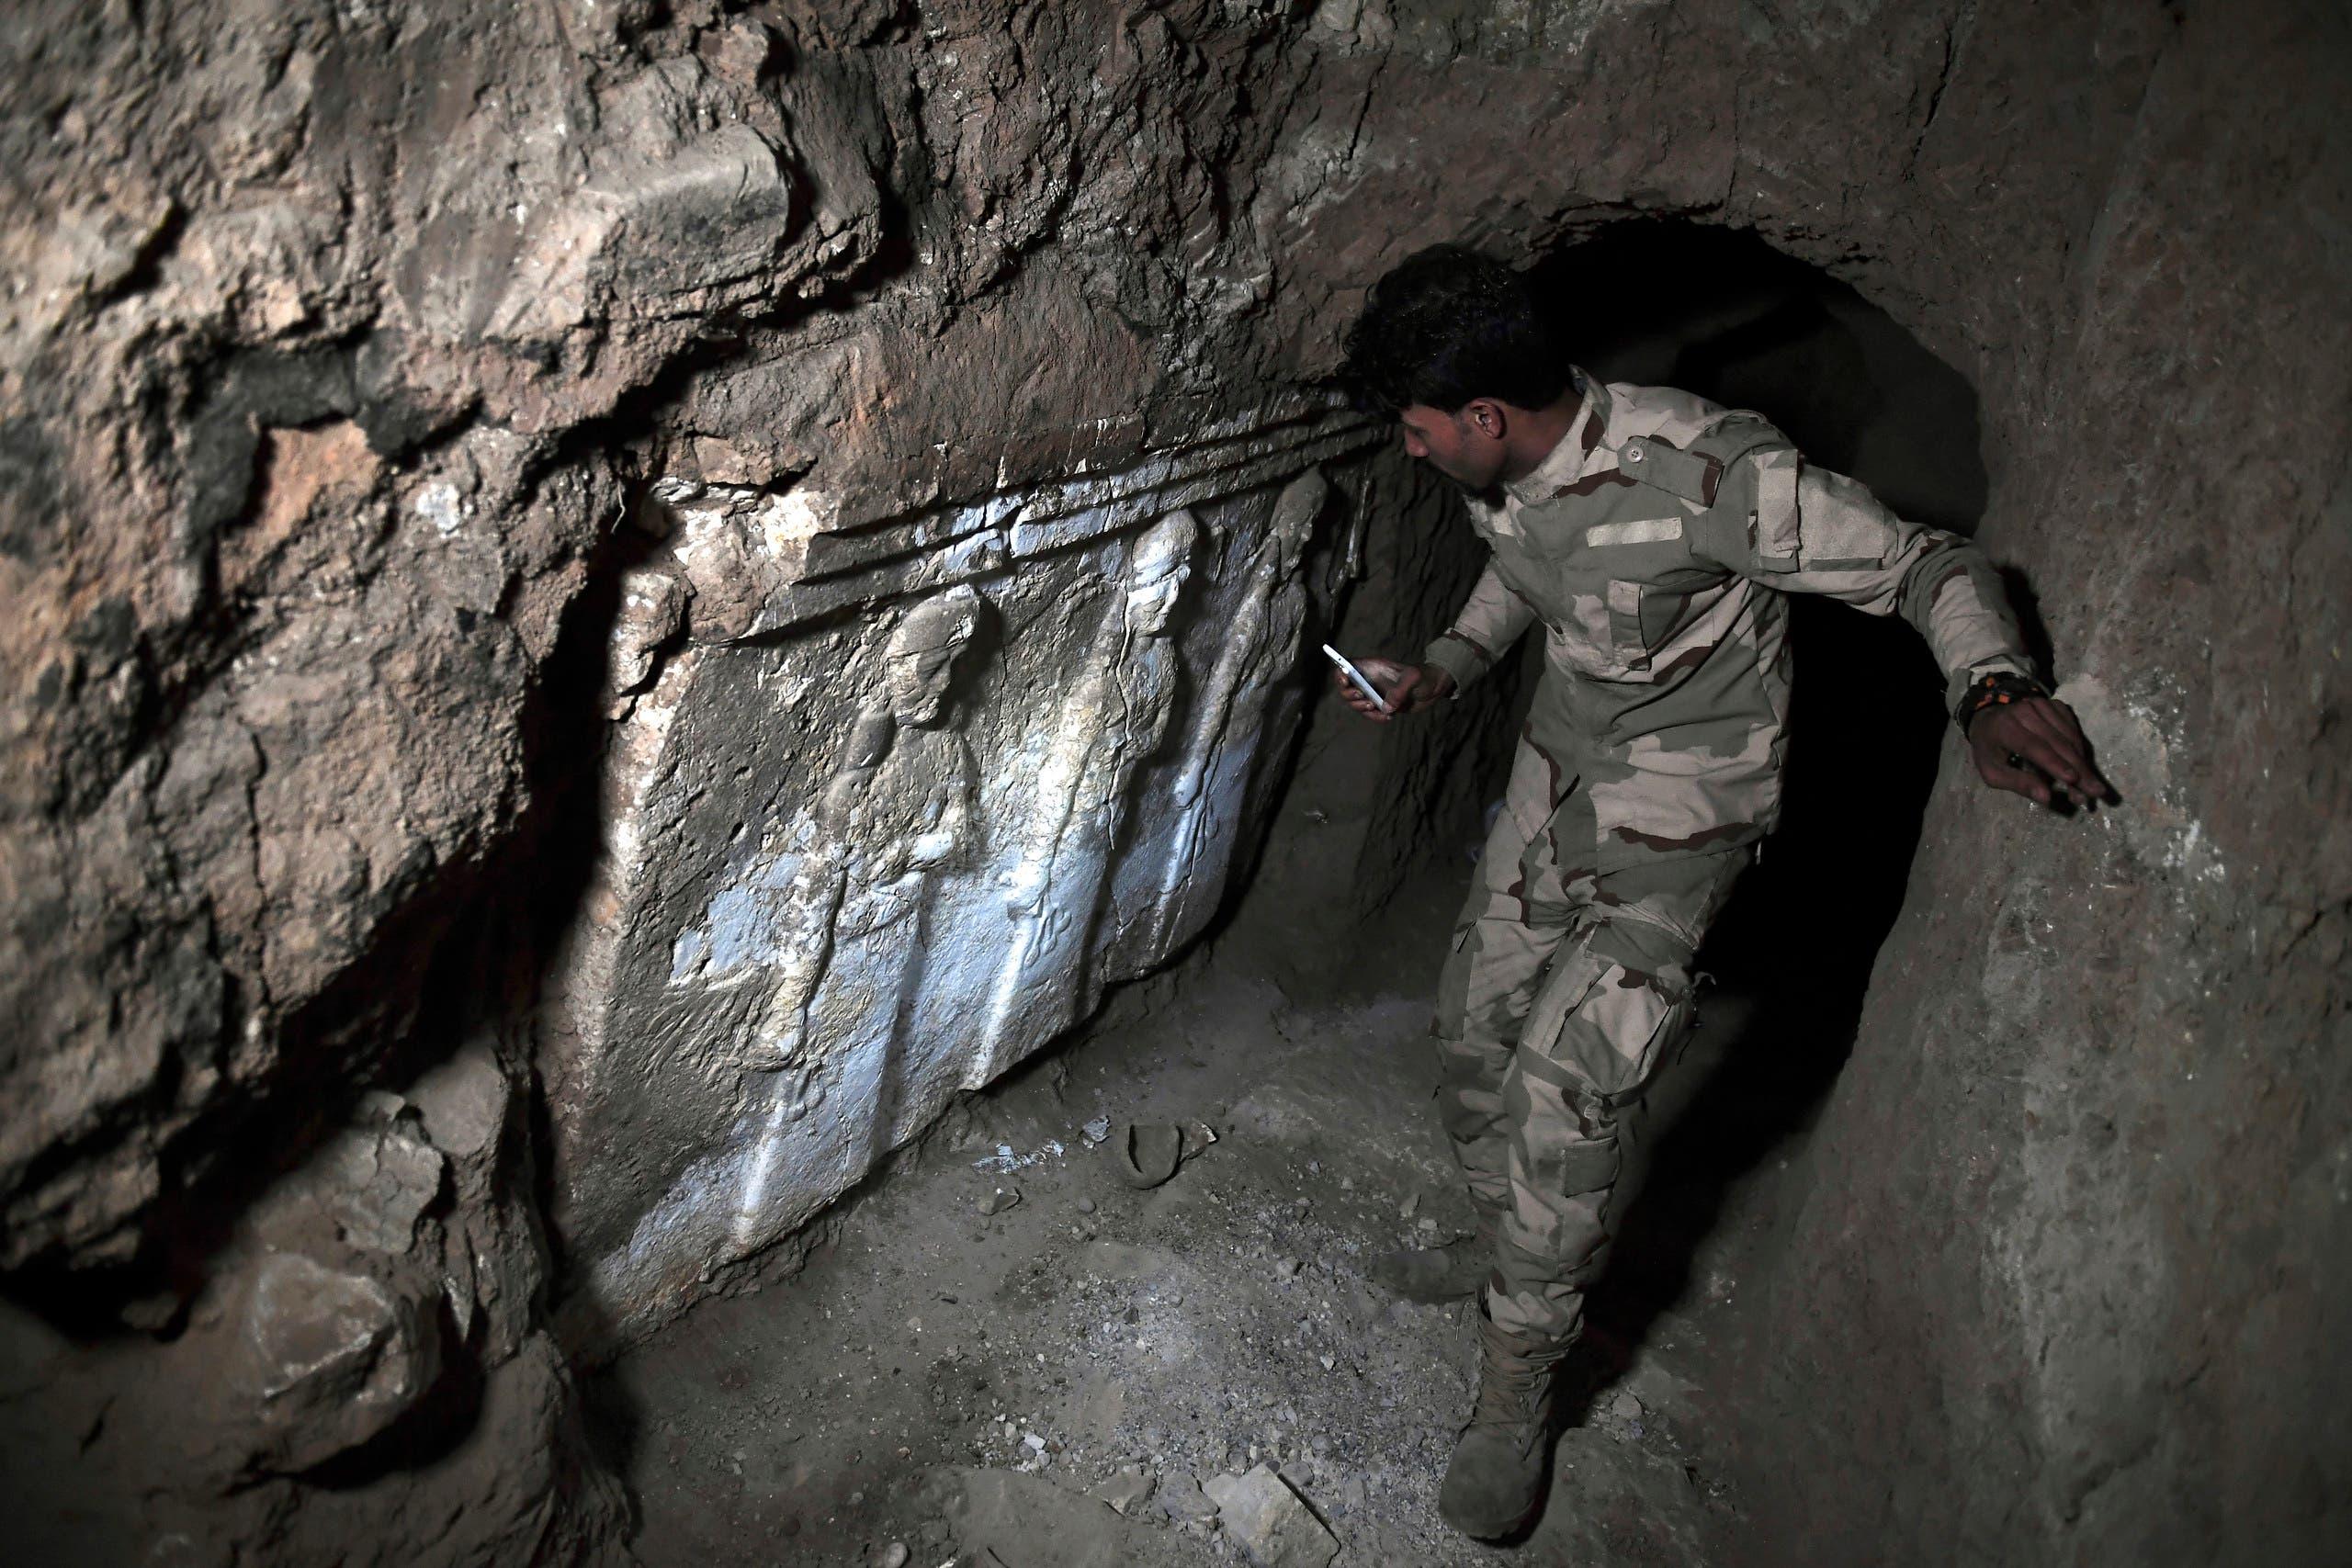 جندي عراقي يتفقد أحد الأنفاق لتهريب الآثار (أرشيفية- فرانس برس)